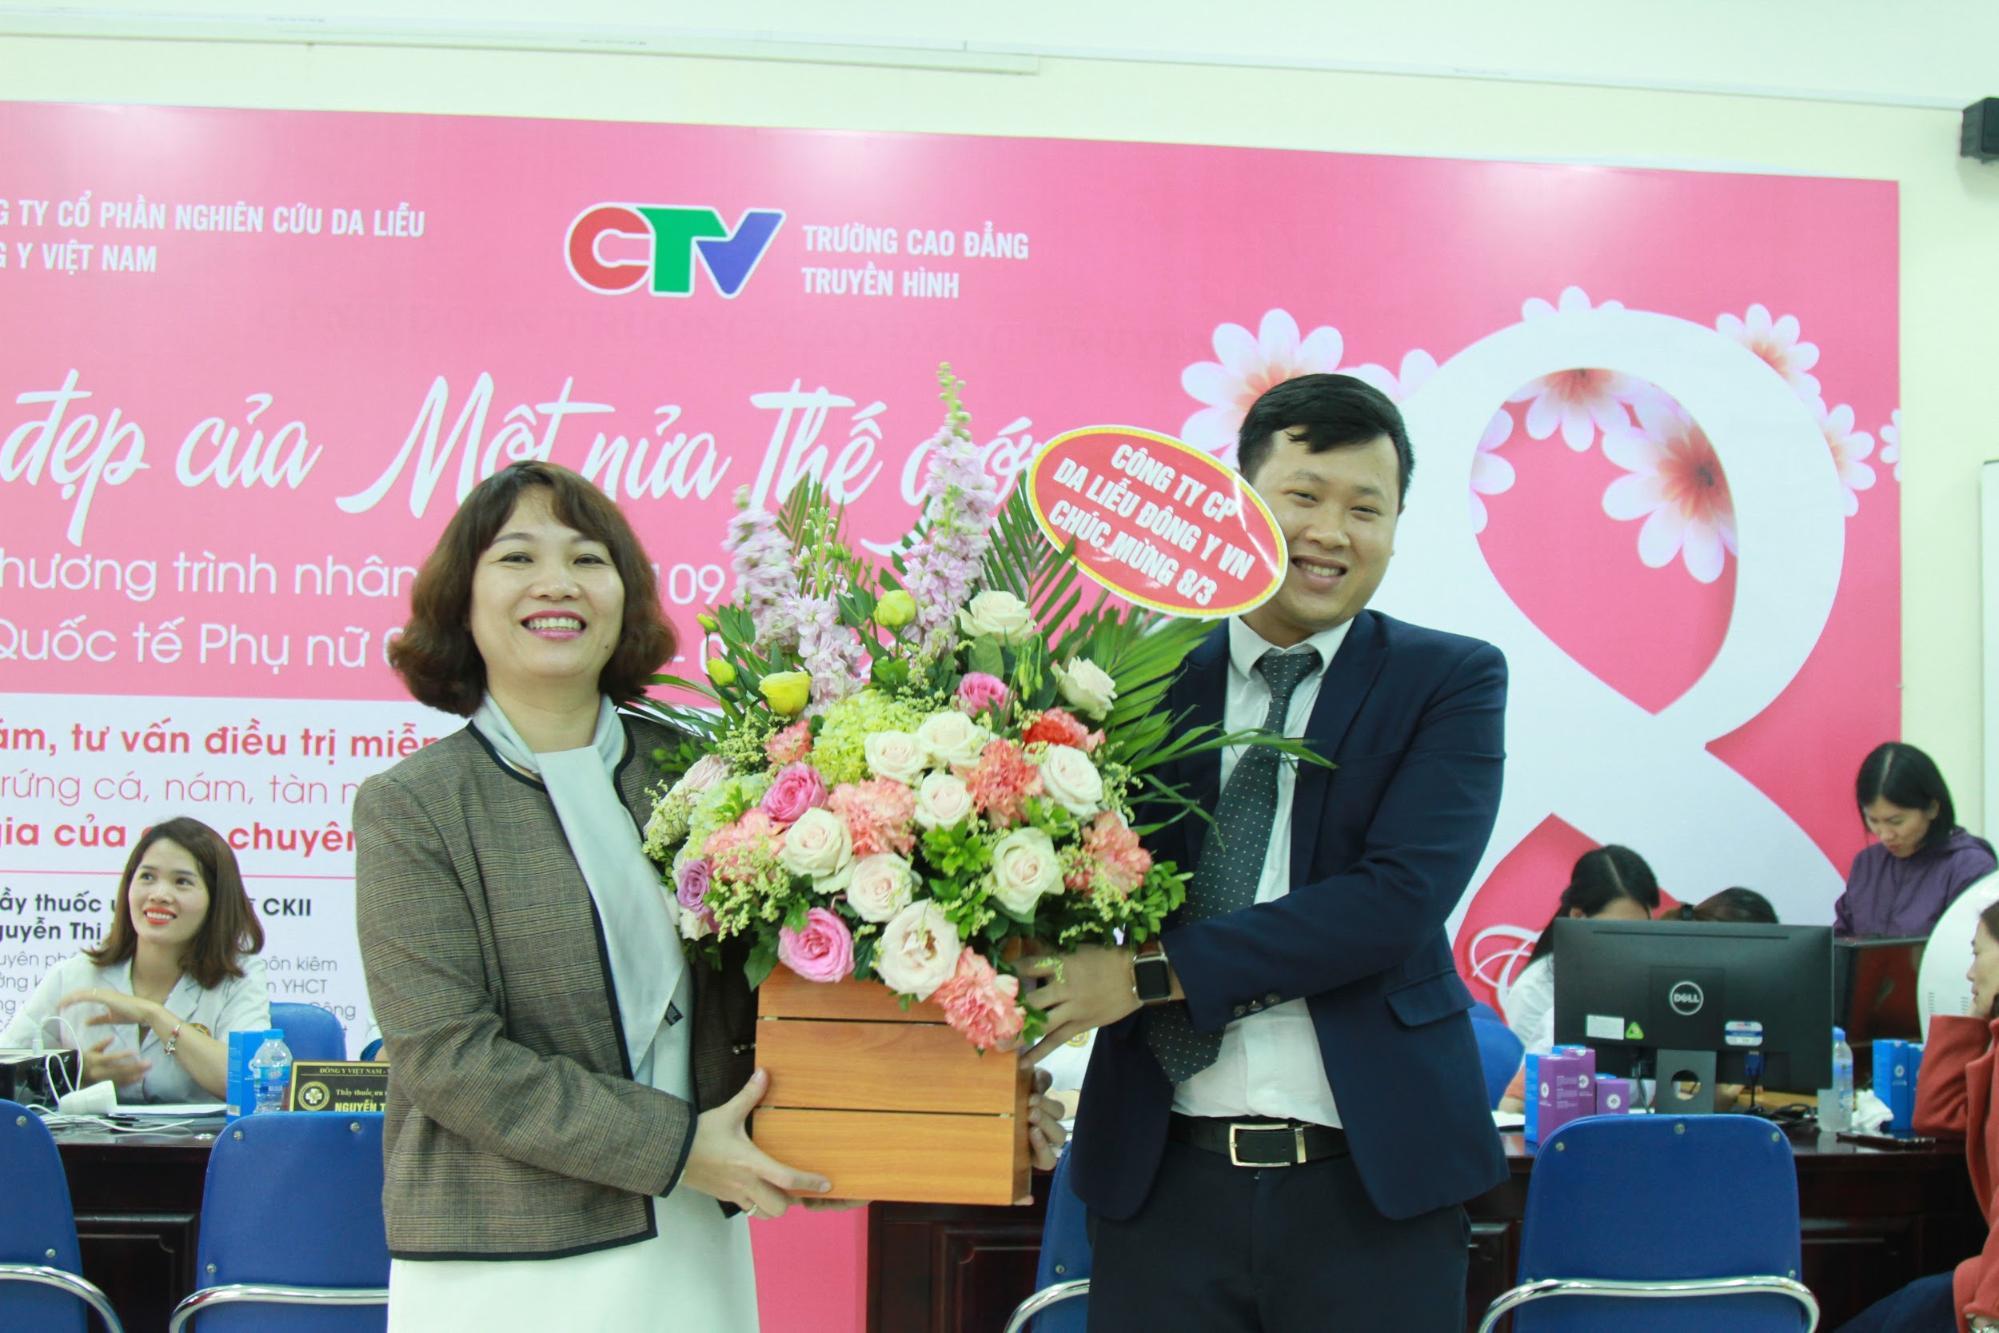 Ông Nguyễn Thành Long tặng hoa cho bà Nguyễn Thanh Liêm - Chủ tịch công đoàn trường Cao đẳng truyền hình